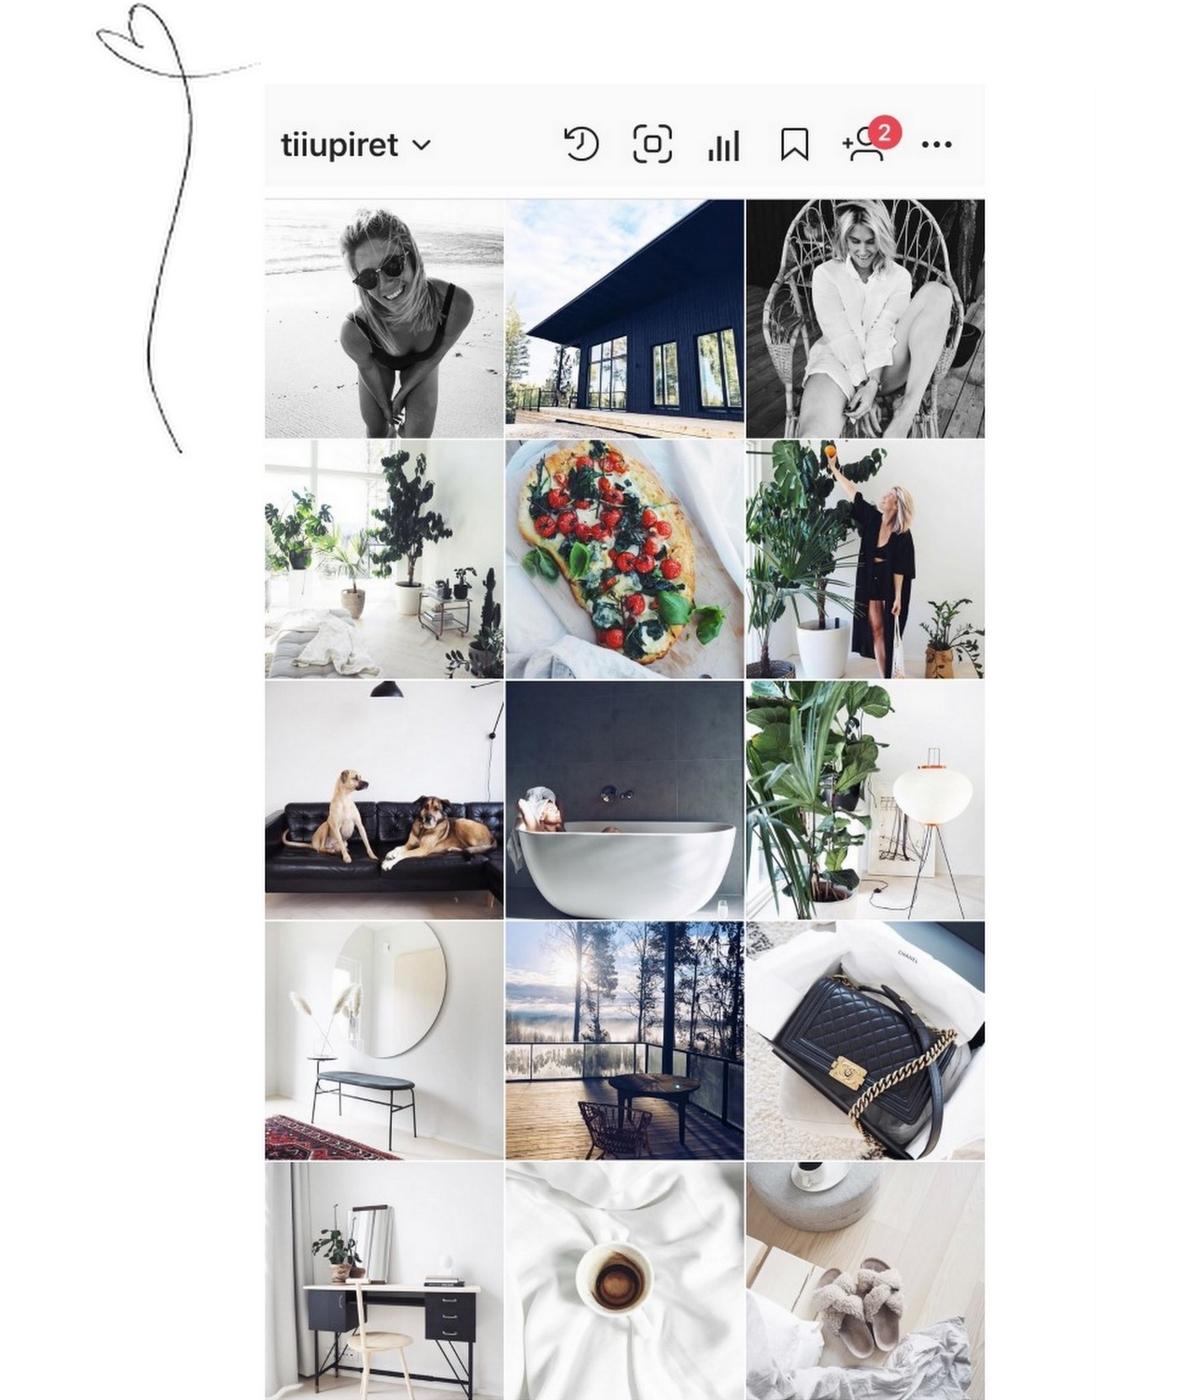 palautettu instagram- tili ja muistutus tietoturvasta